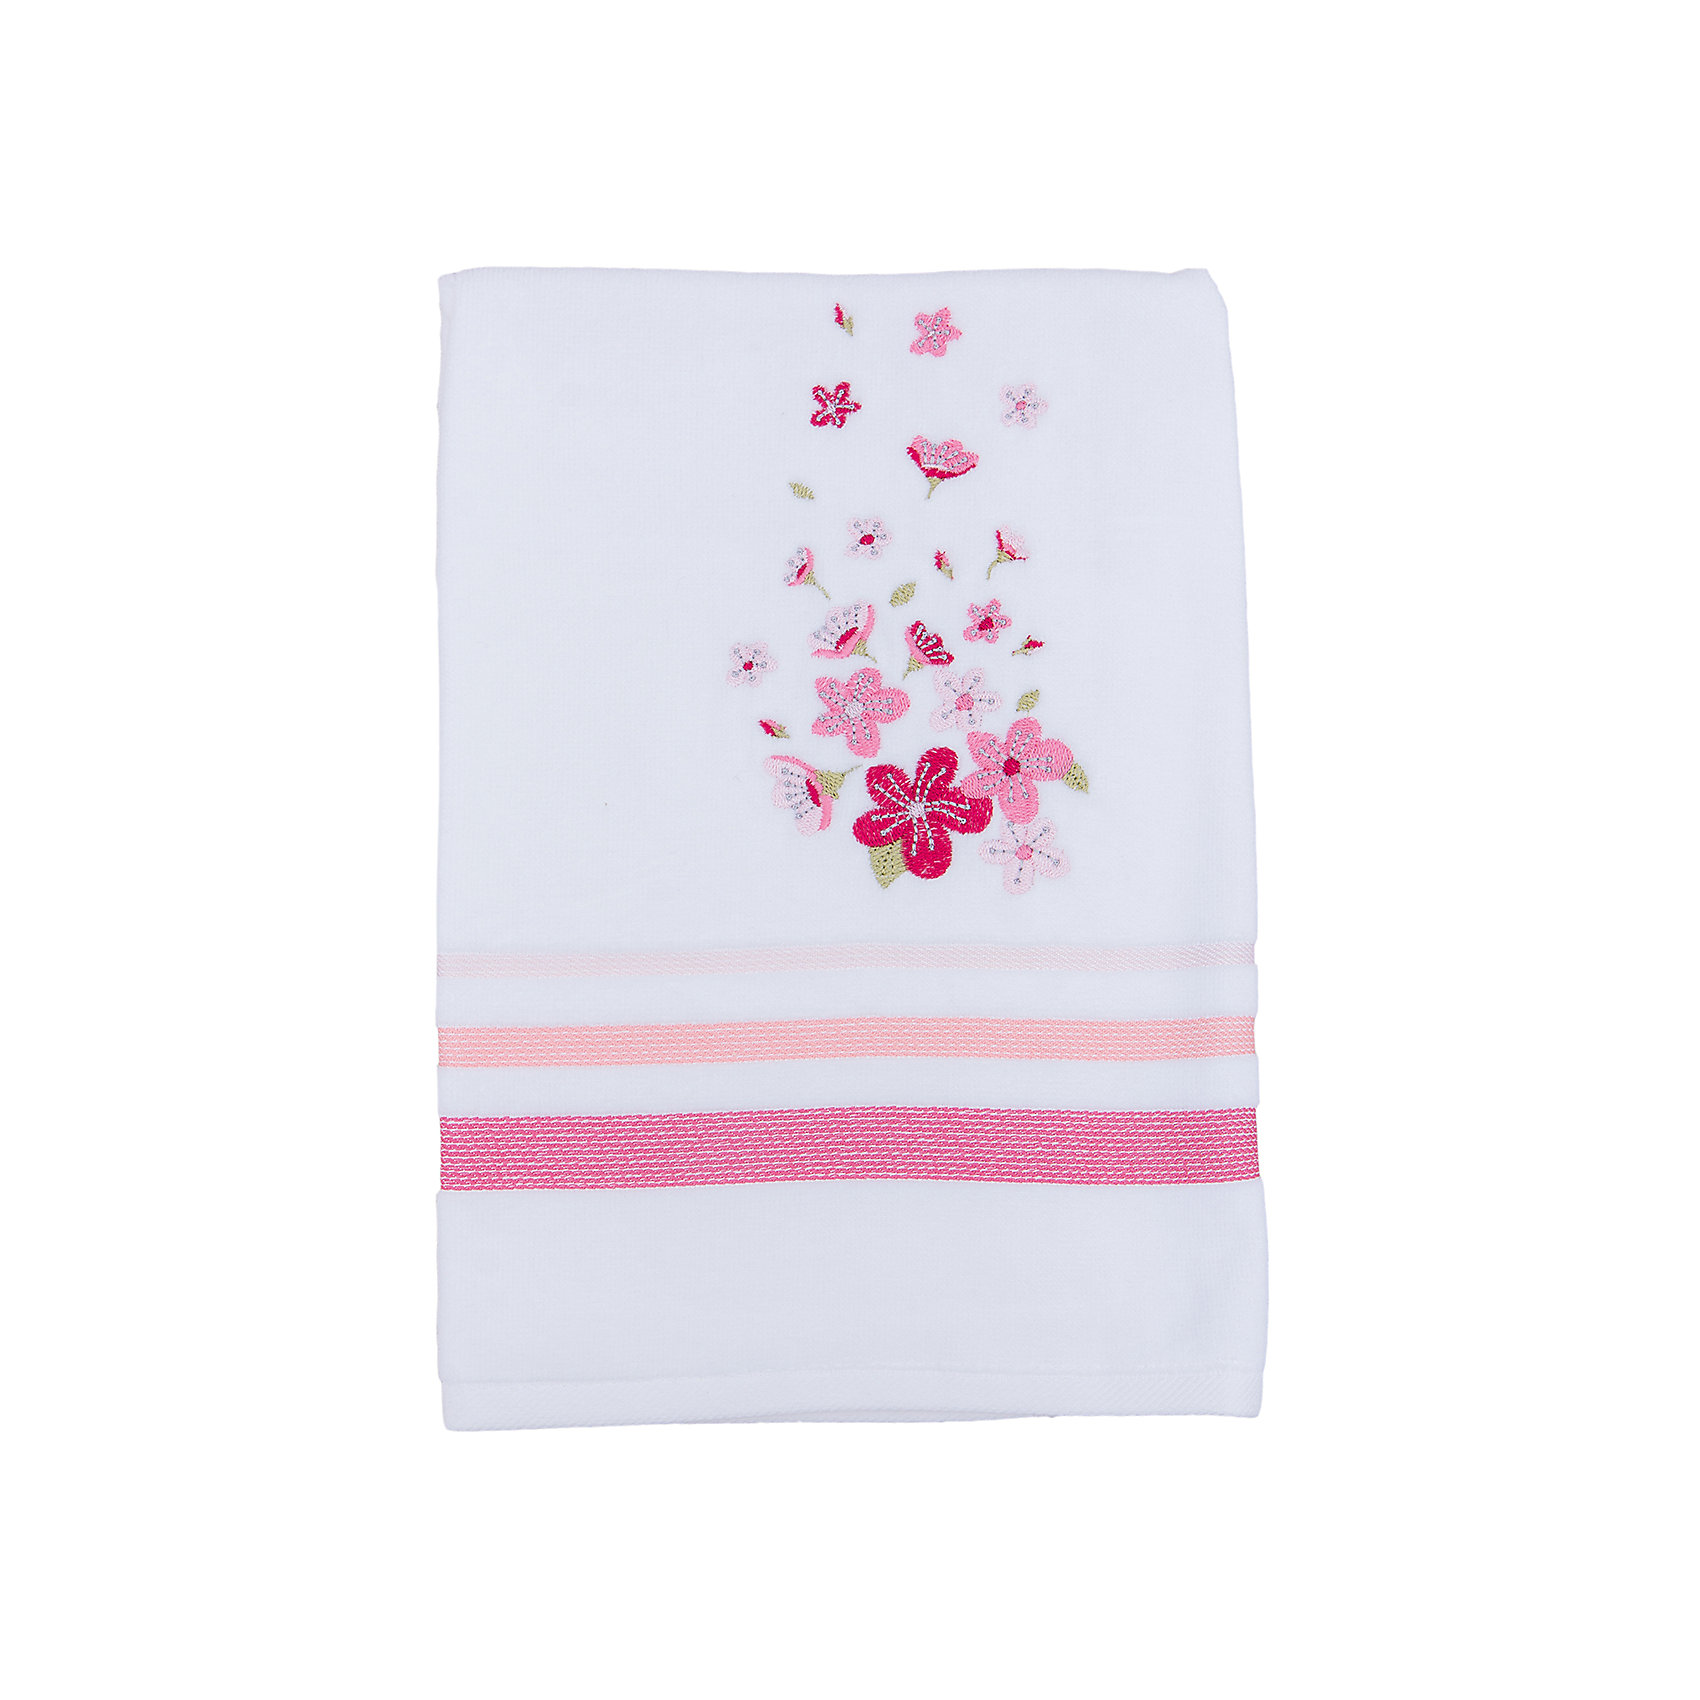 Полотенце подарочное ADELIA махровое 50*90, TAC, розовыйВанная комната<br>Характеристика: <br><br>- Материал: махра (100% хлопок).<br>- Размер: 50х90 см.<br>- Плотность: 450гр/м2.<br>- Цвет: розовый.<br><br>Яркое и в тоже время нежное махровое полотенце будет прекрасным подарком к любому празднику!<br><br>Полотенце подарочное ADELIA махровое, можно купить в нашем магазине.<br><br>Ширина мм: 240<br>Глубина мм: 30<br>Высота мм: 330<br>Вес г: 400<br>Возраст от месяцев: 0<br>Возраст до месяцев: 84<br>Пол: Женский<br>Возраст: Детский<br>SKU: 5124061